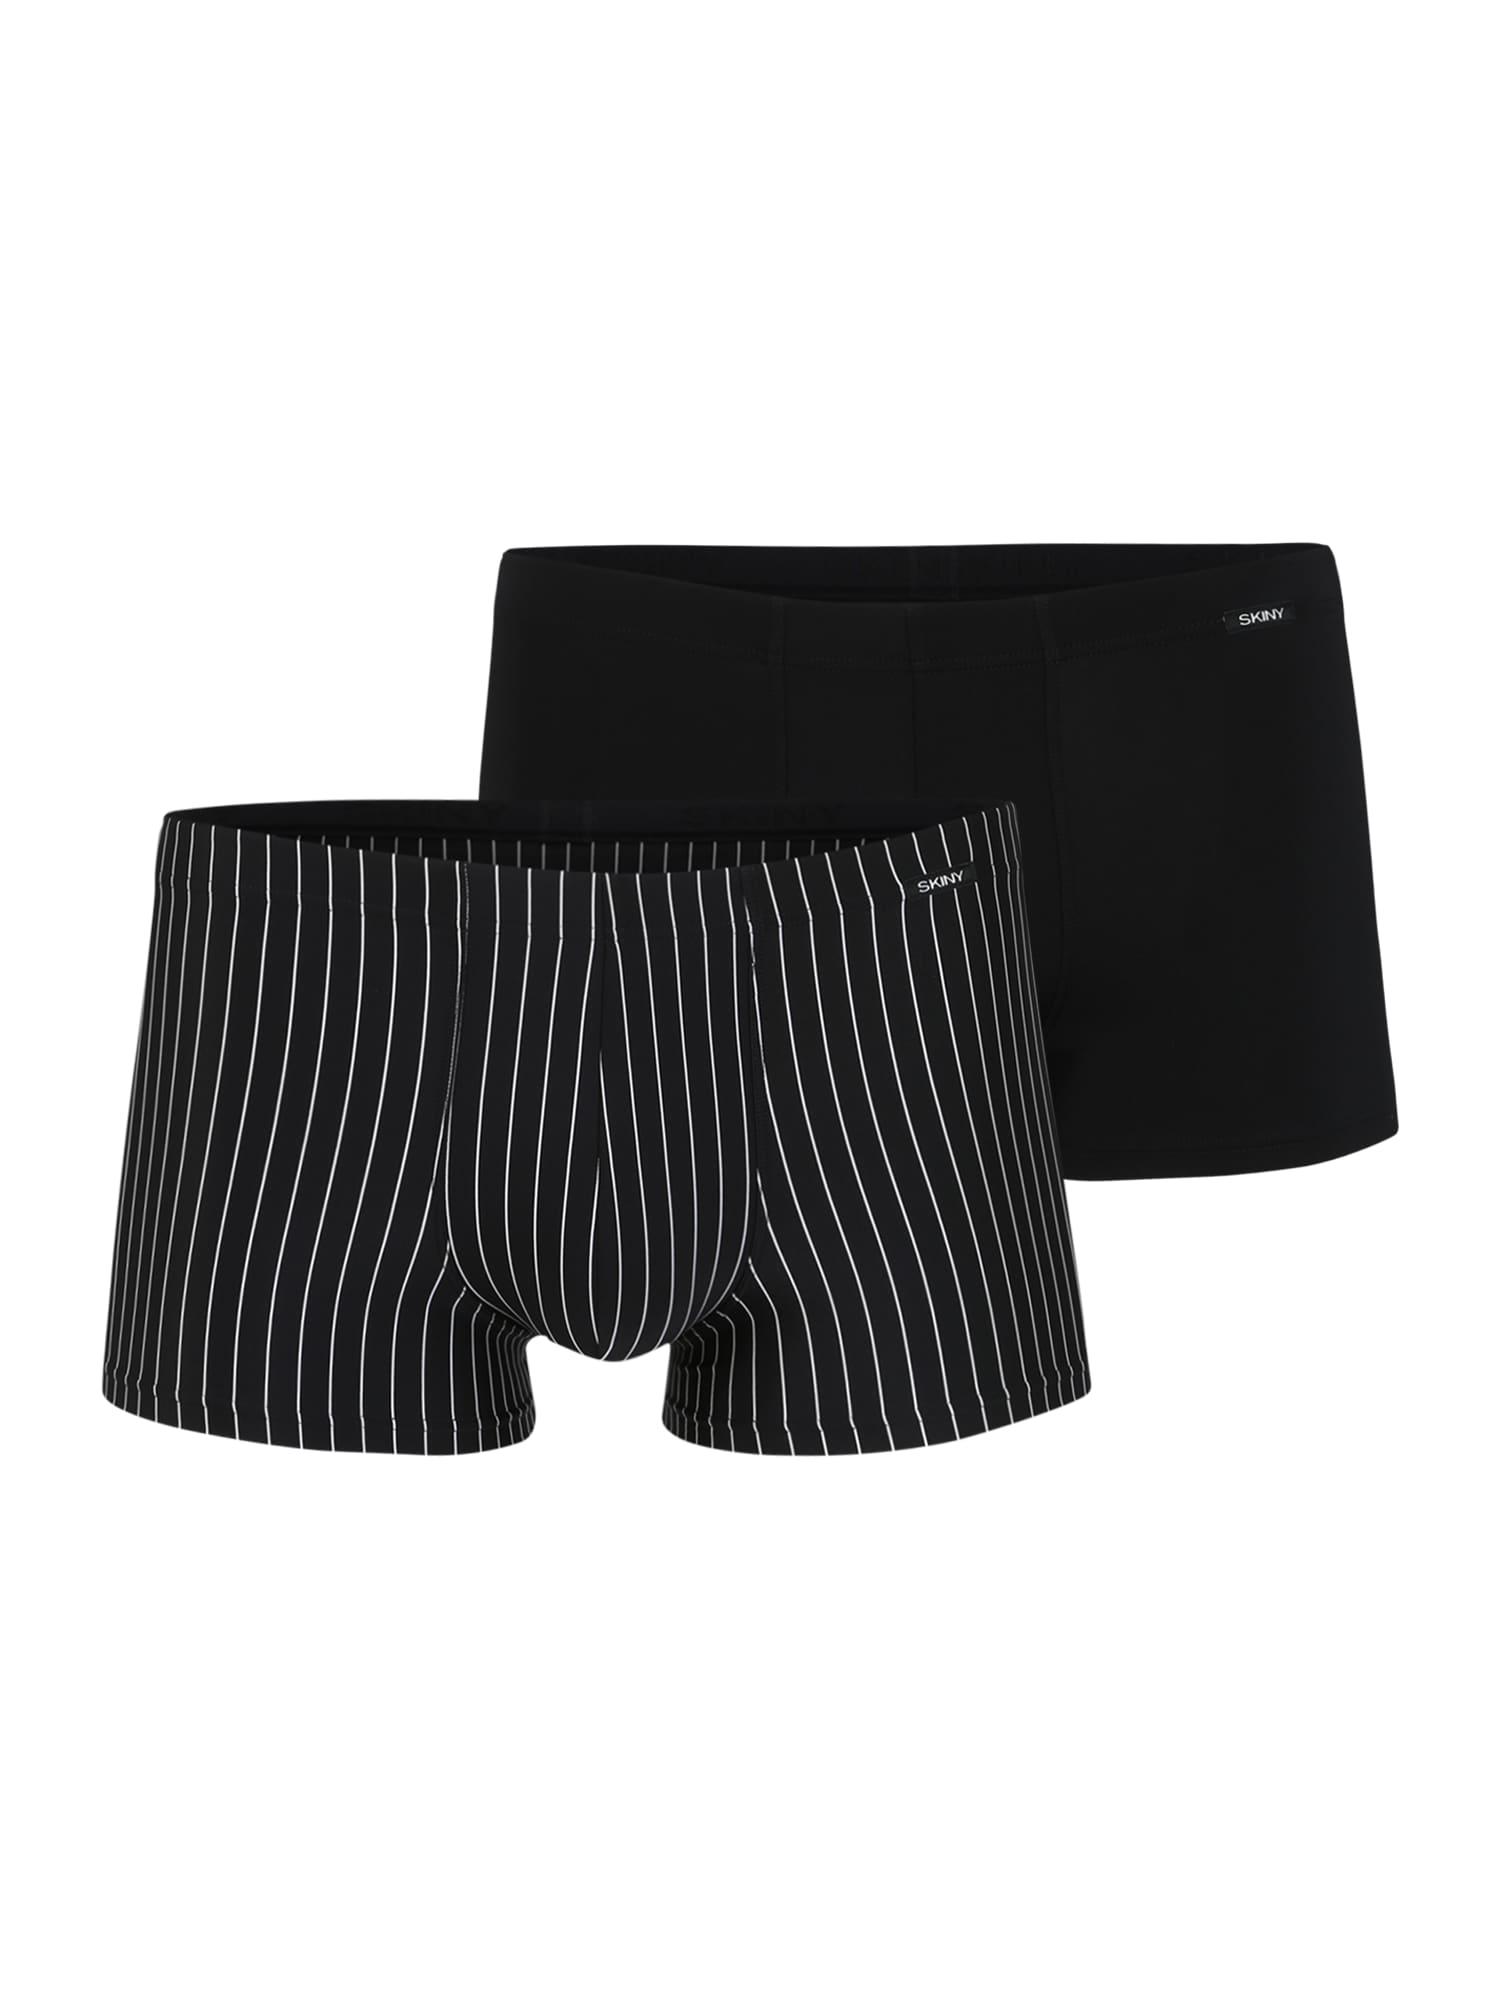 Skiny Boxerky 'Power Line'  čierna / biela